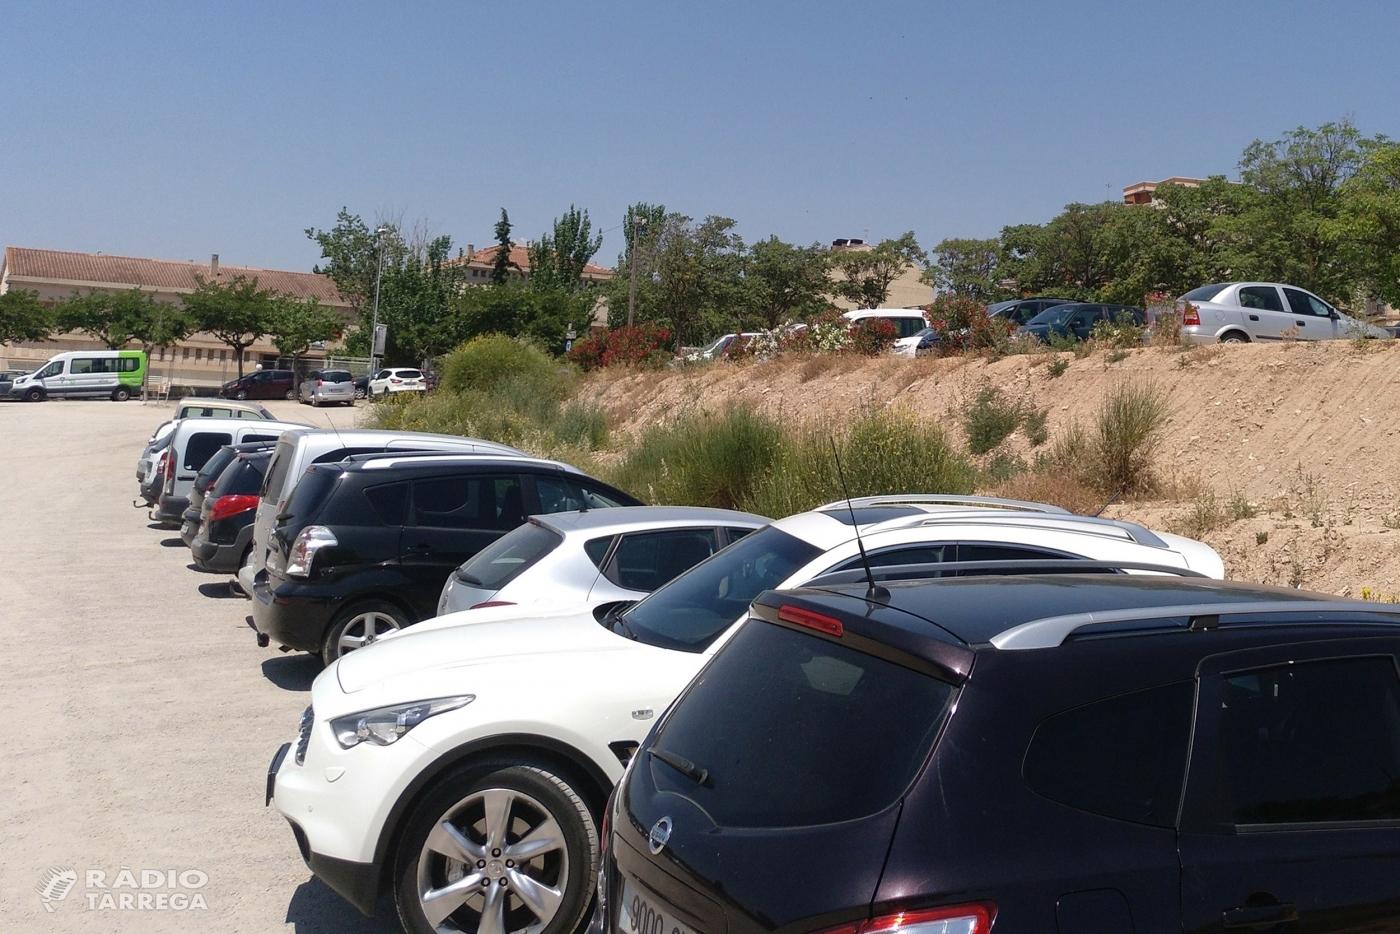 L'Ajuntament de Tàrrega adjudica les obres de millora de l'àrea d'estacionament situada a l'avinguda de l'Onze de Setembre, que guanyarà en capacitat